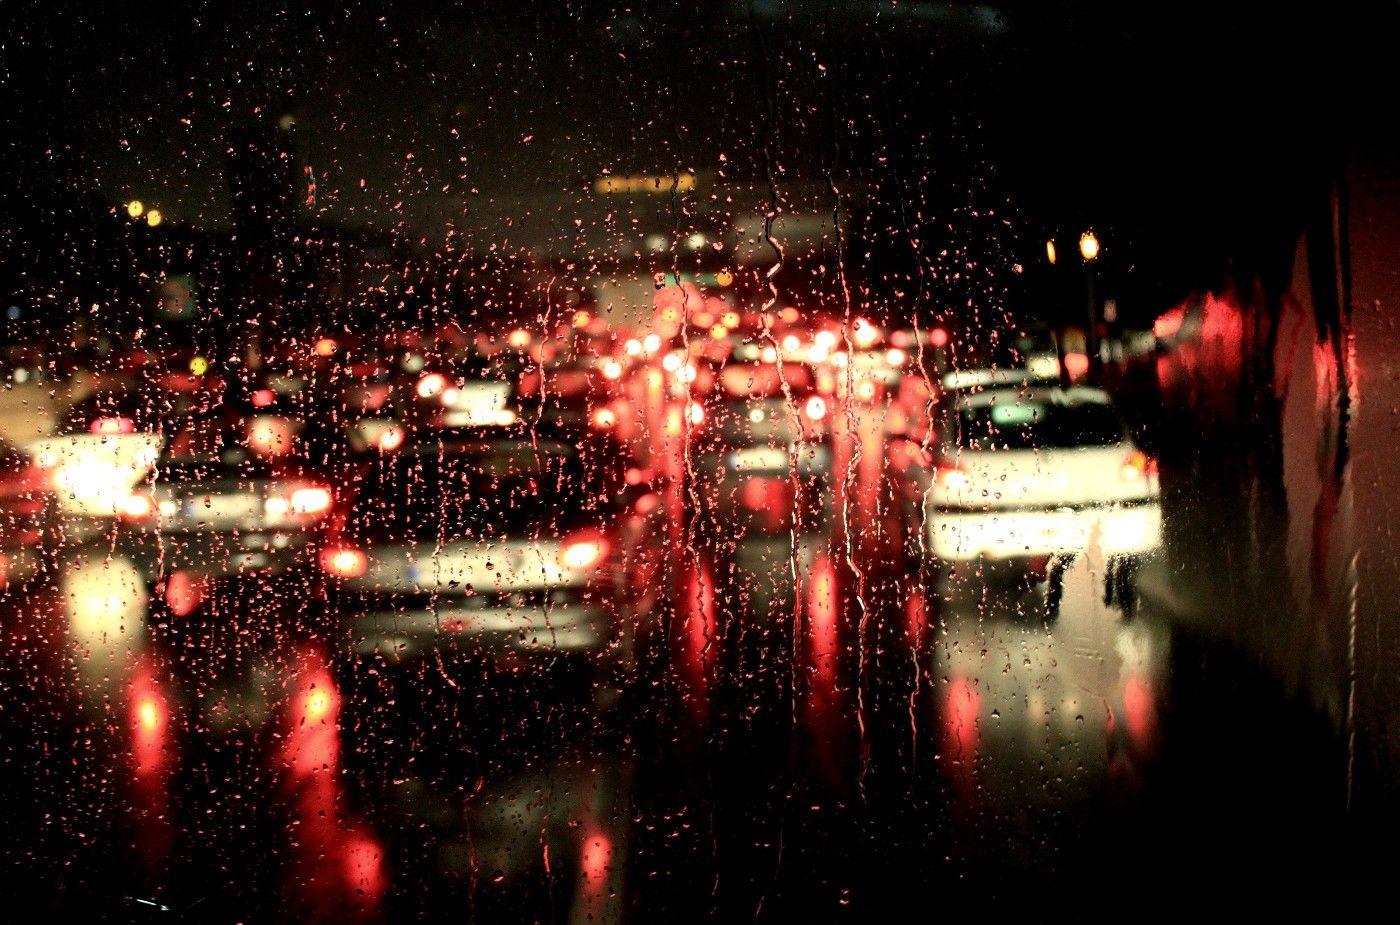 در هنگام سختی های روزهای پرترافیک بارانی چه باید کرد؟